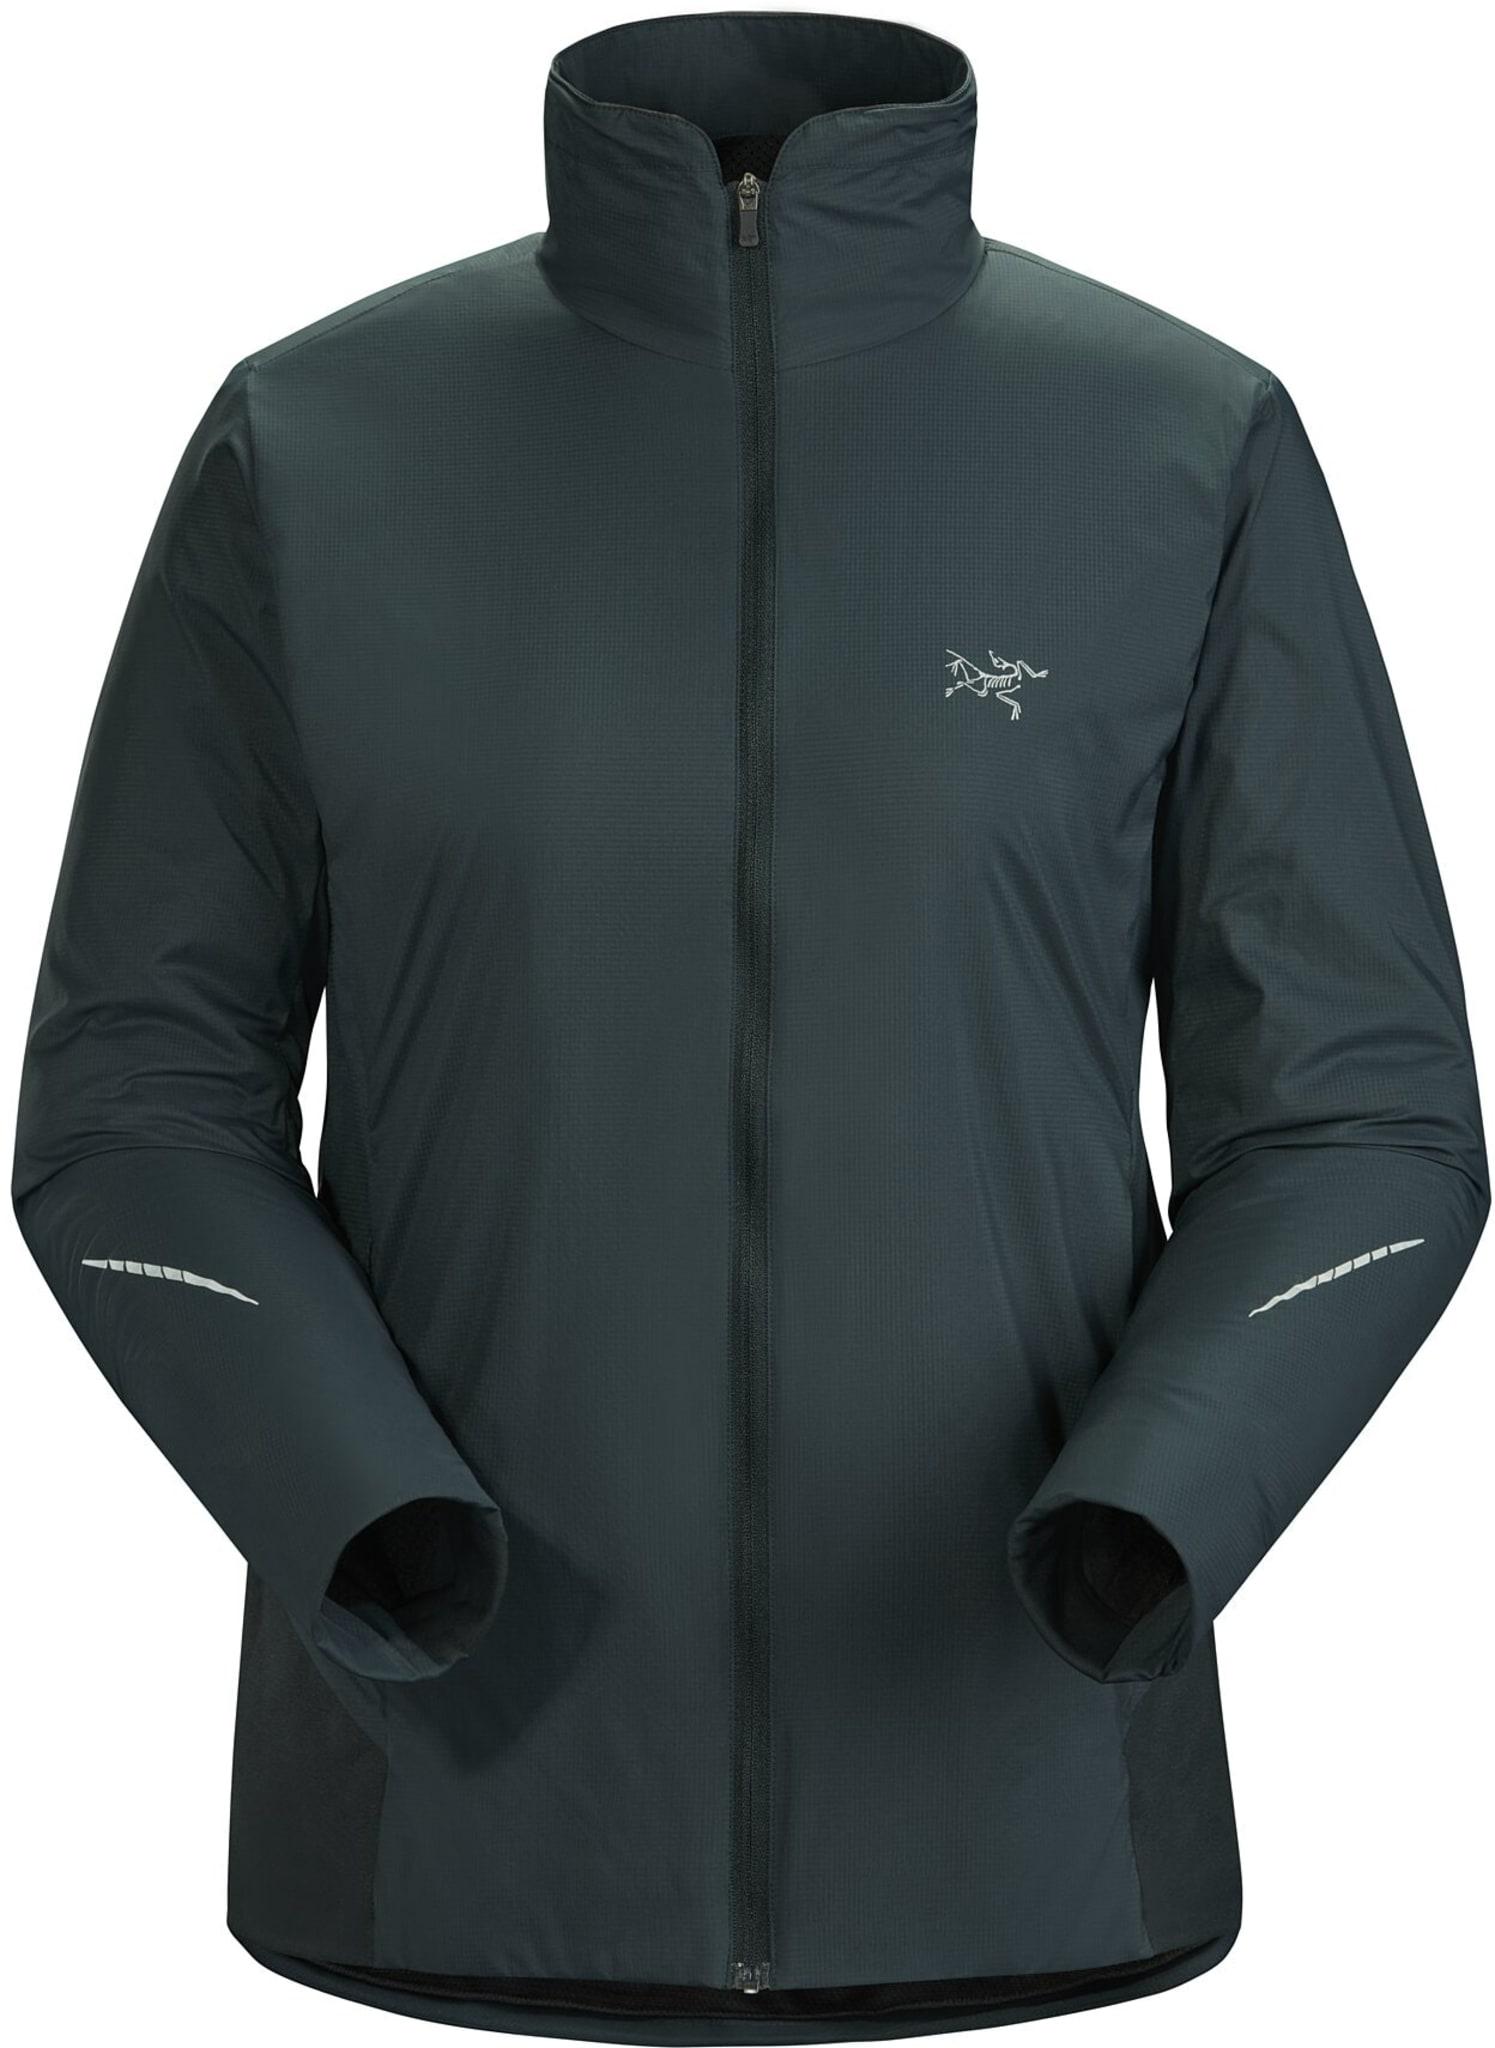 Særdeles god varmeregulering i en lett, svært pustende, vind- og vannavvisende jakke